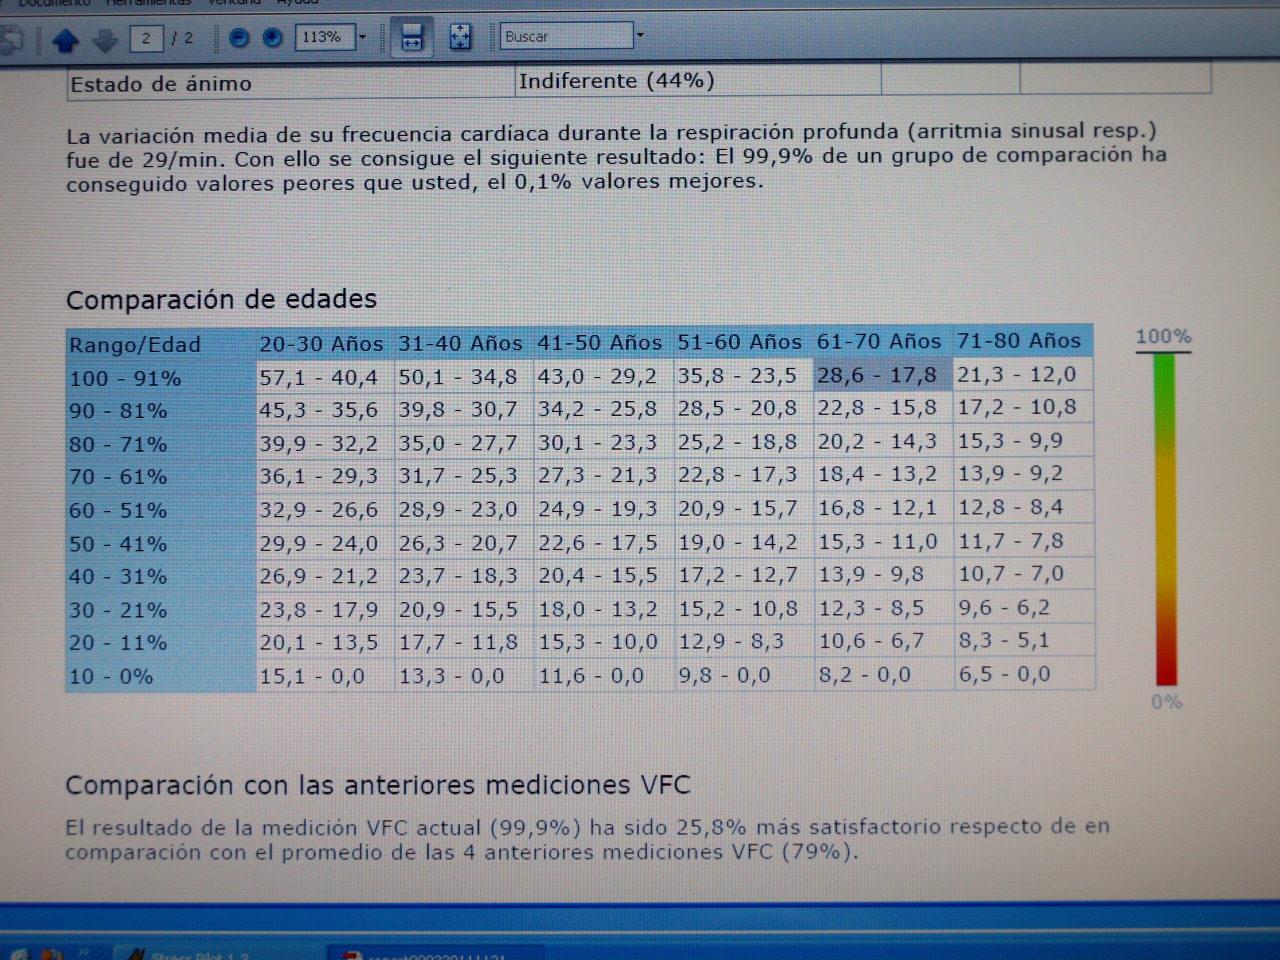 CUADRO DE ASR  ARRITMIA SINUSAL RESPIRATORIA, según edades.